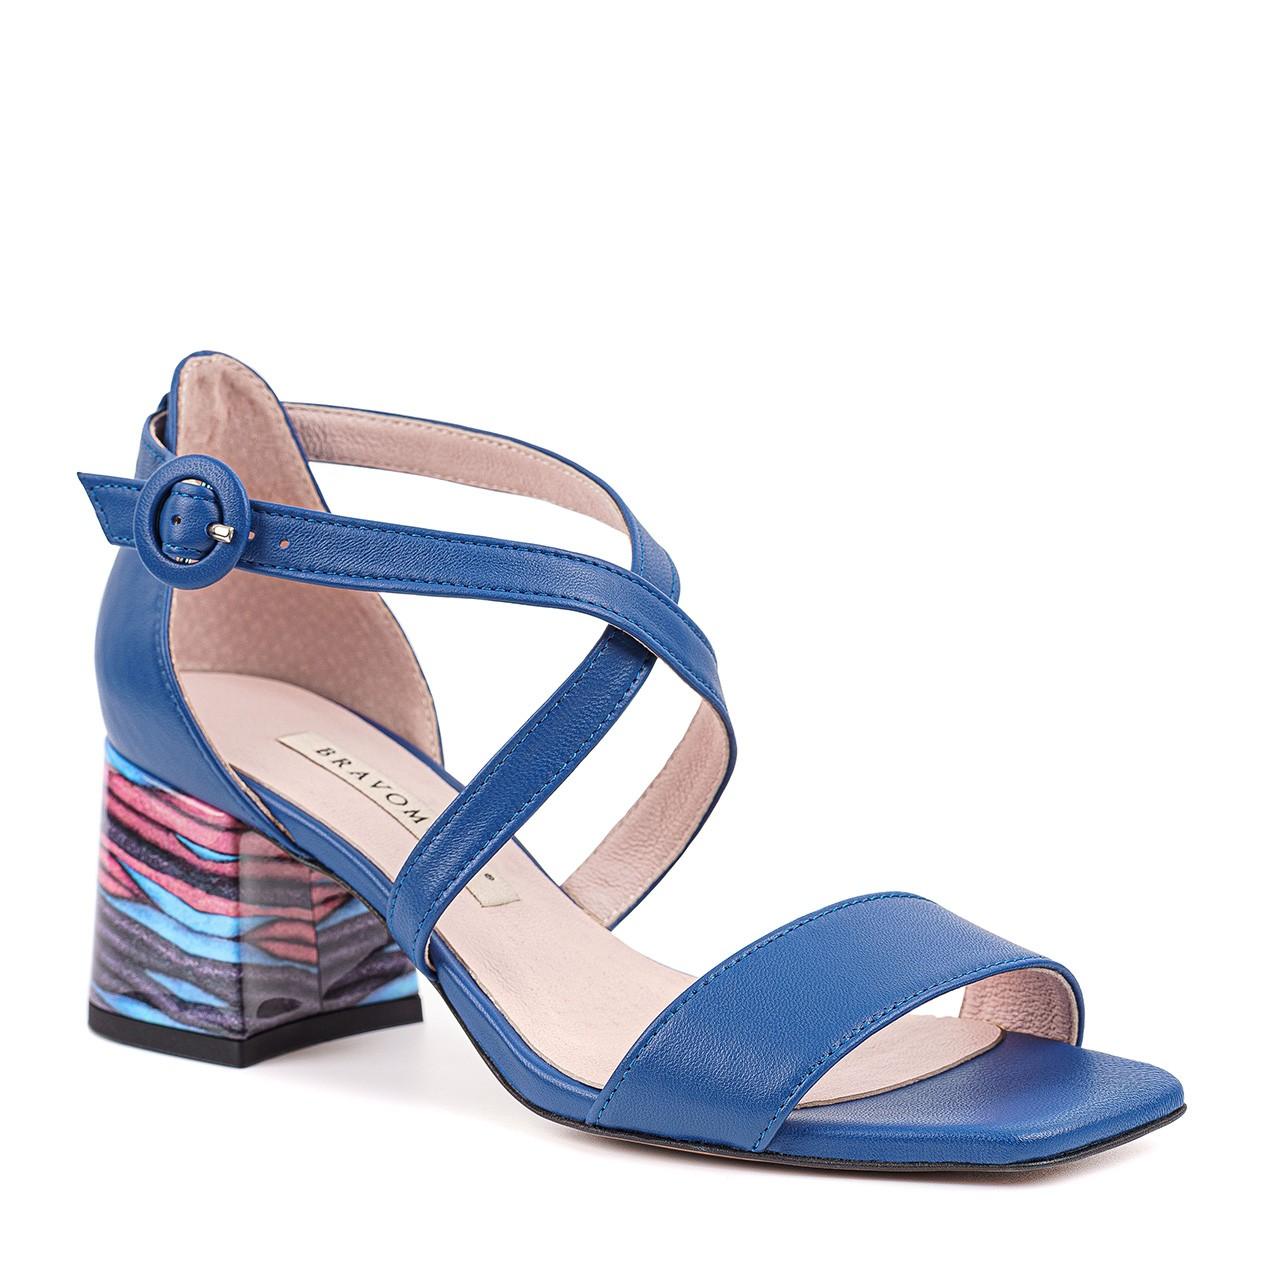 Damskie skórzane sandałki w niebieskim kolorze z paseczkami